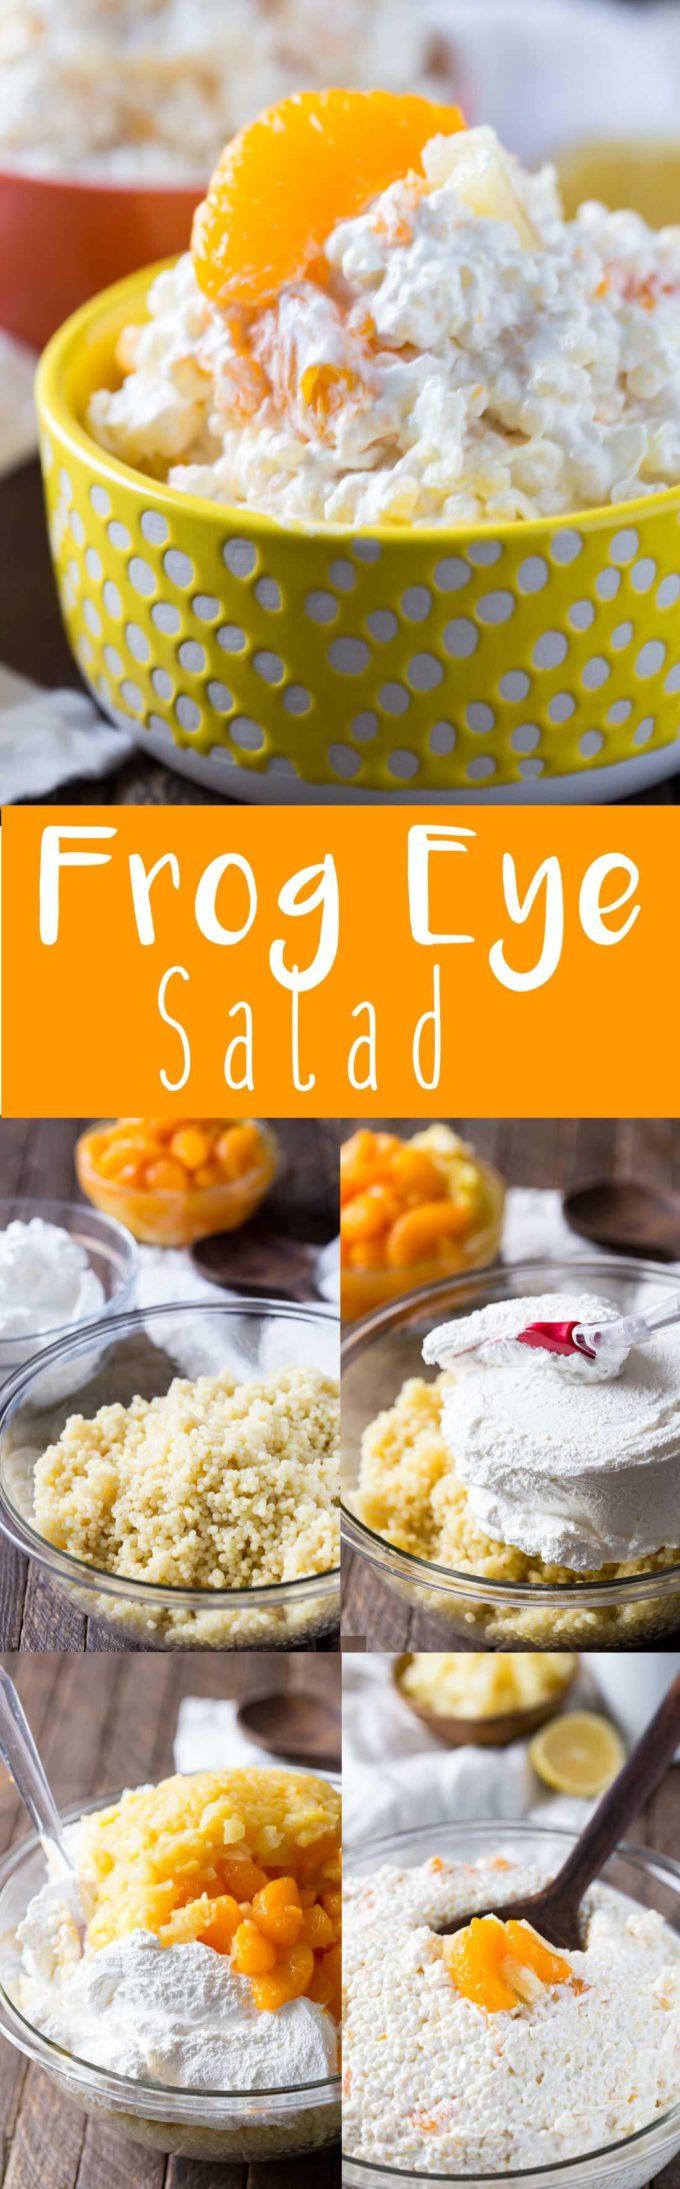 Creamy, tropical, fruity frog eye salad